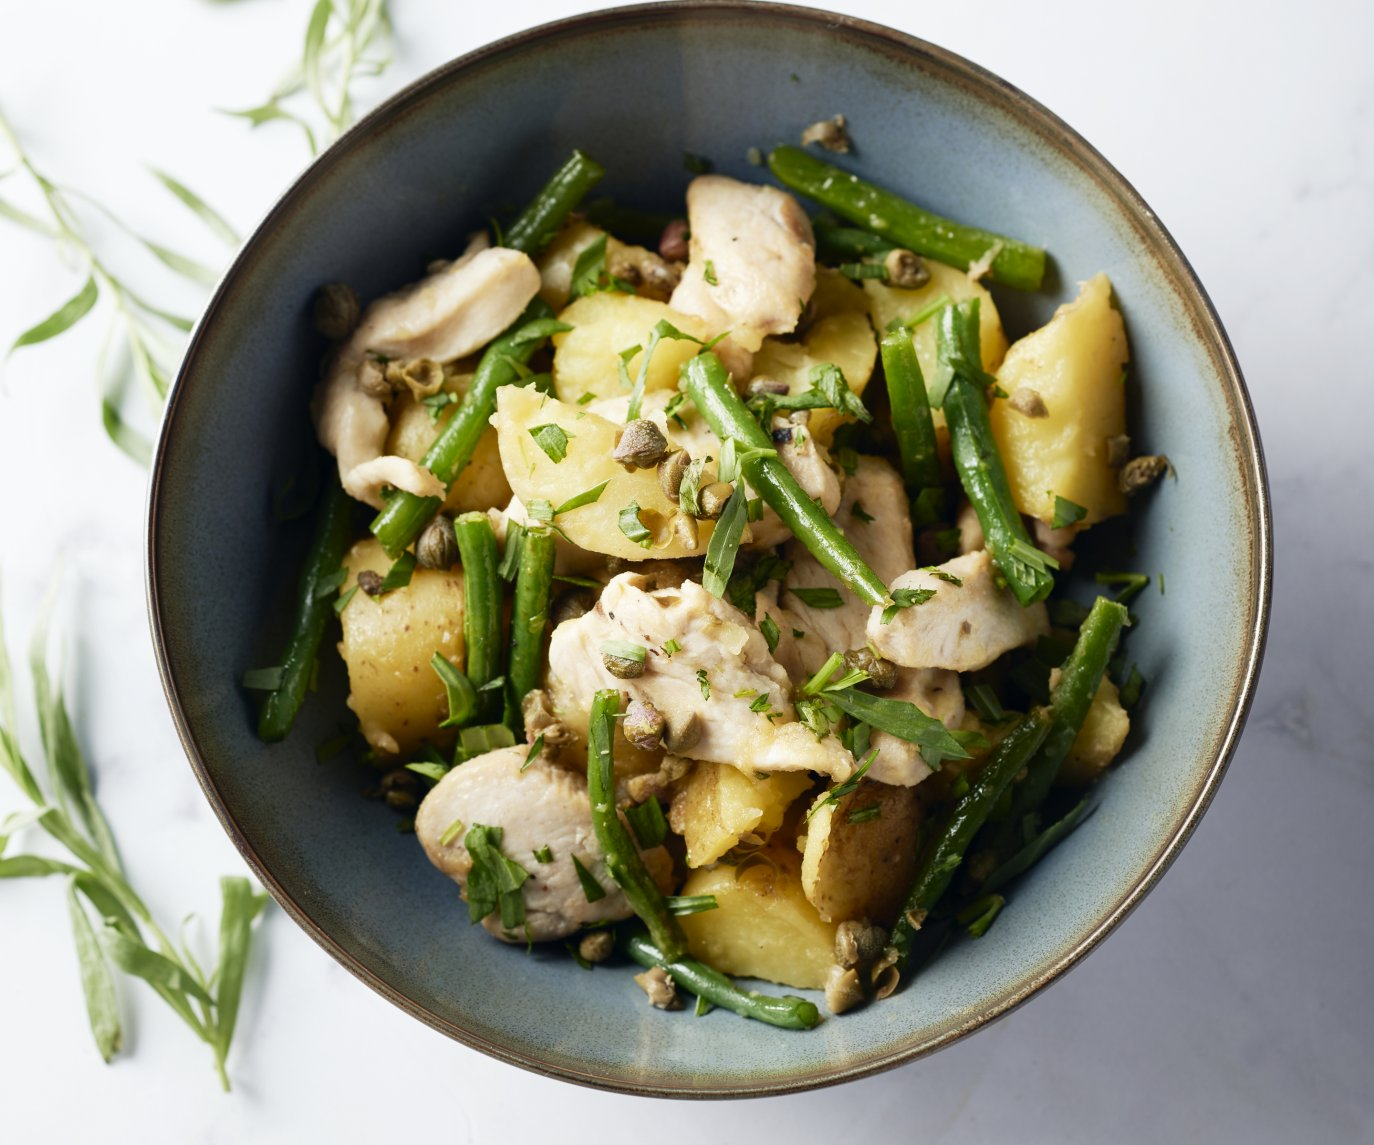 Aardappelsalade met kip, groene boontjes en pistachenoten